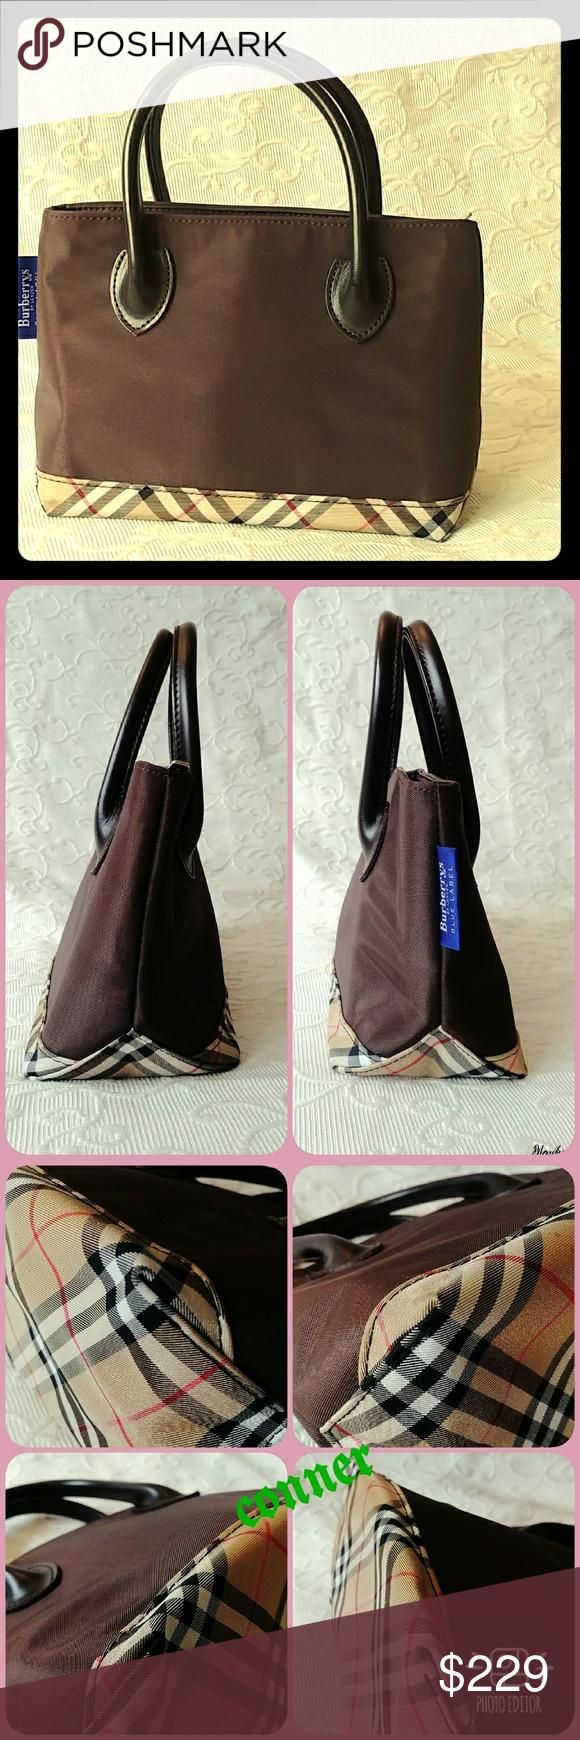 8f6435bee6ca ✨BURBERRY BLUE LABEL NOVA CHECK small Nylon💕💖 Authentic BURBERRY BLUE  LABEL NOVA CHECK Handbag Nylon Leather Pre love condition size SMall but  cute great ...